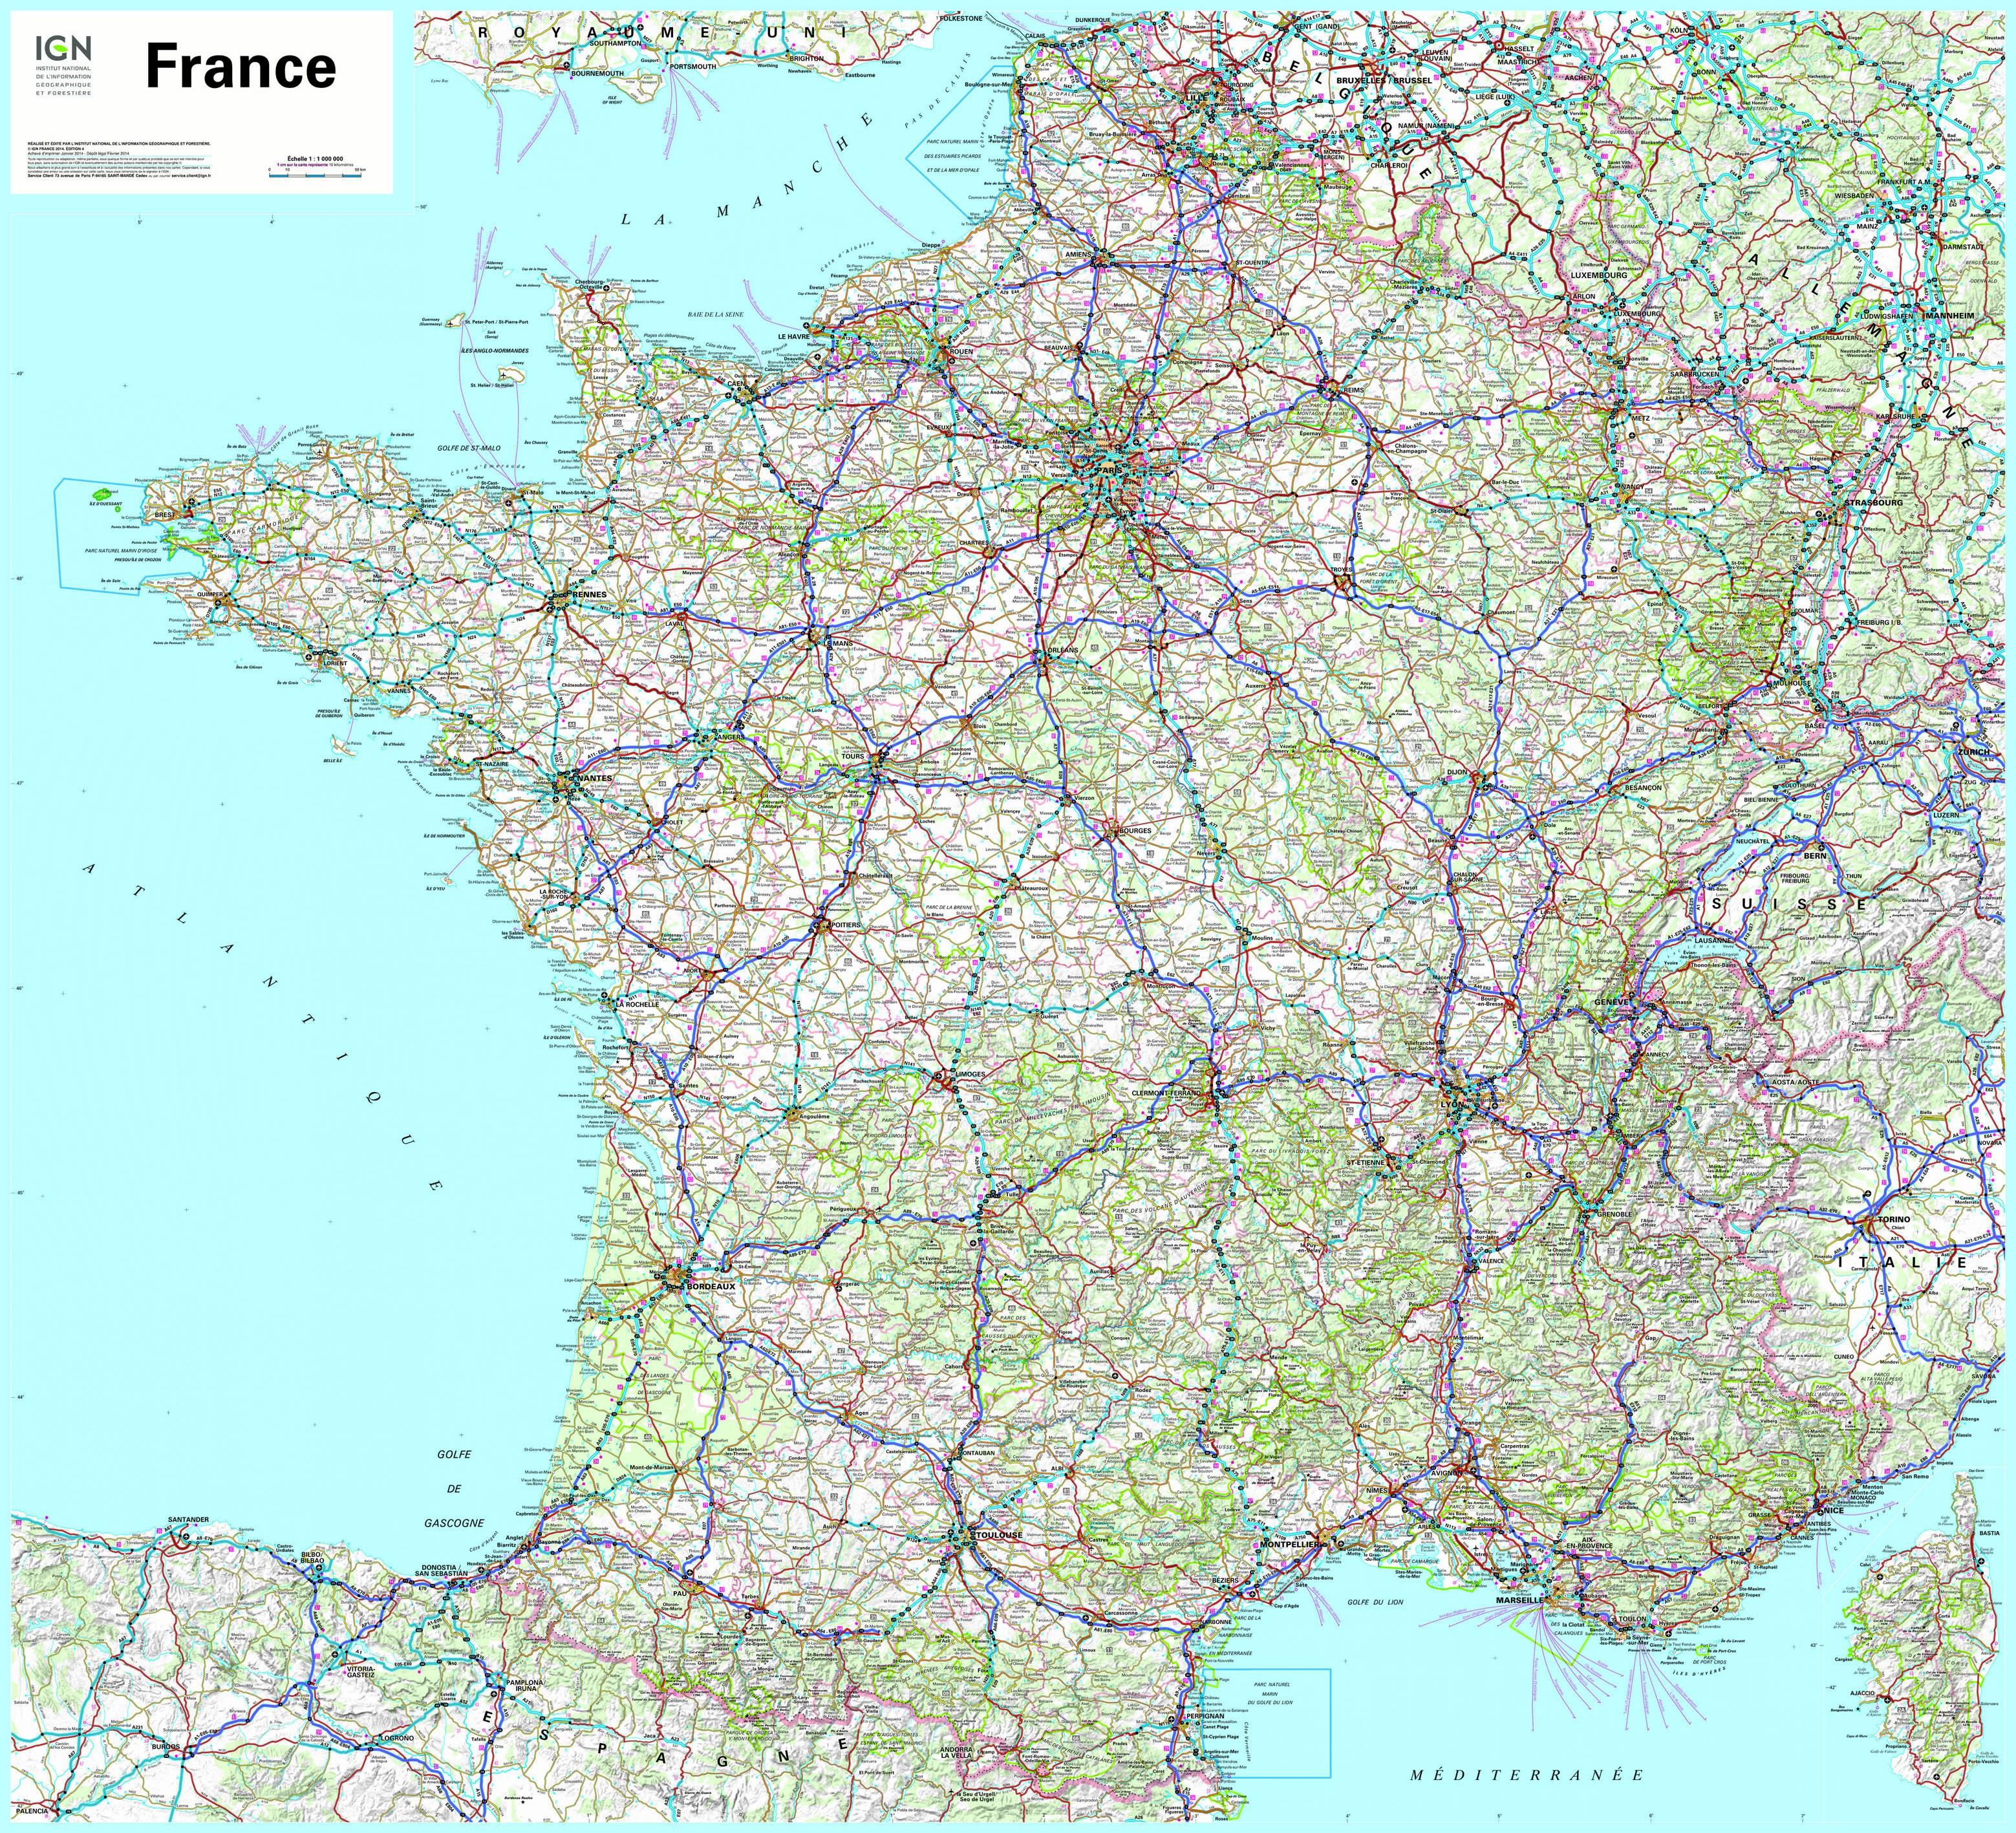 Cartograf.fr : Carte France : Page 3 encequiconcerne Imprimer Une Carte De France